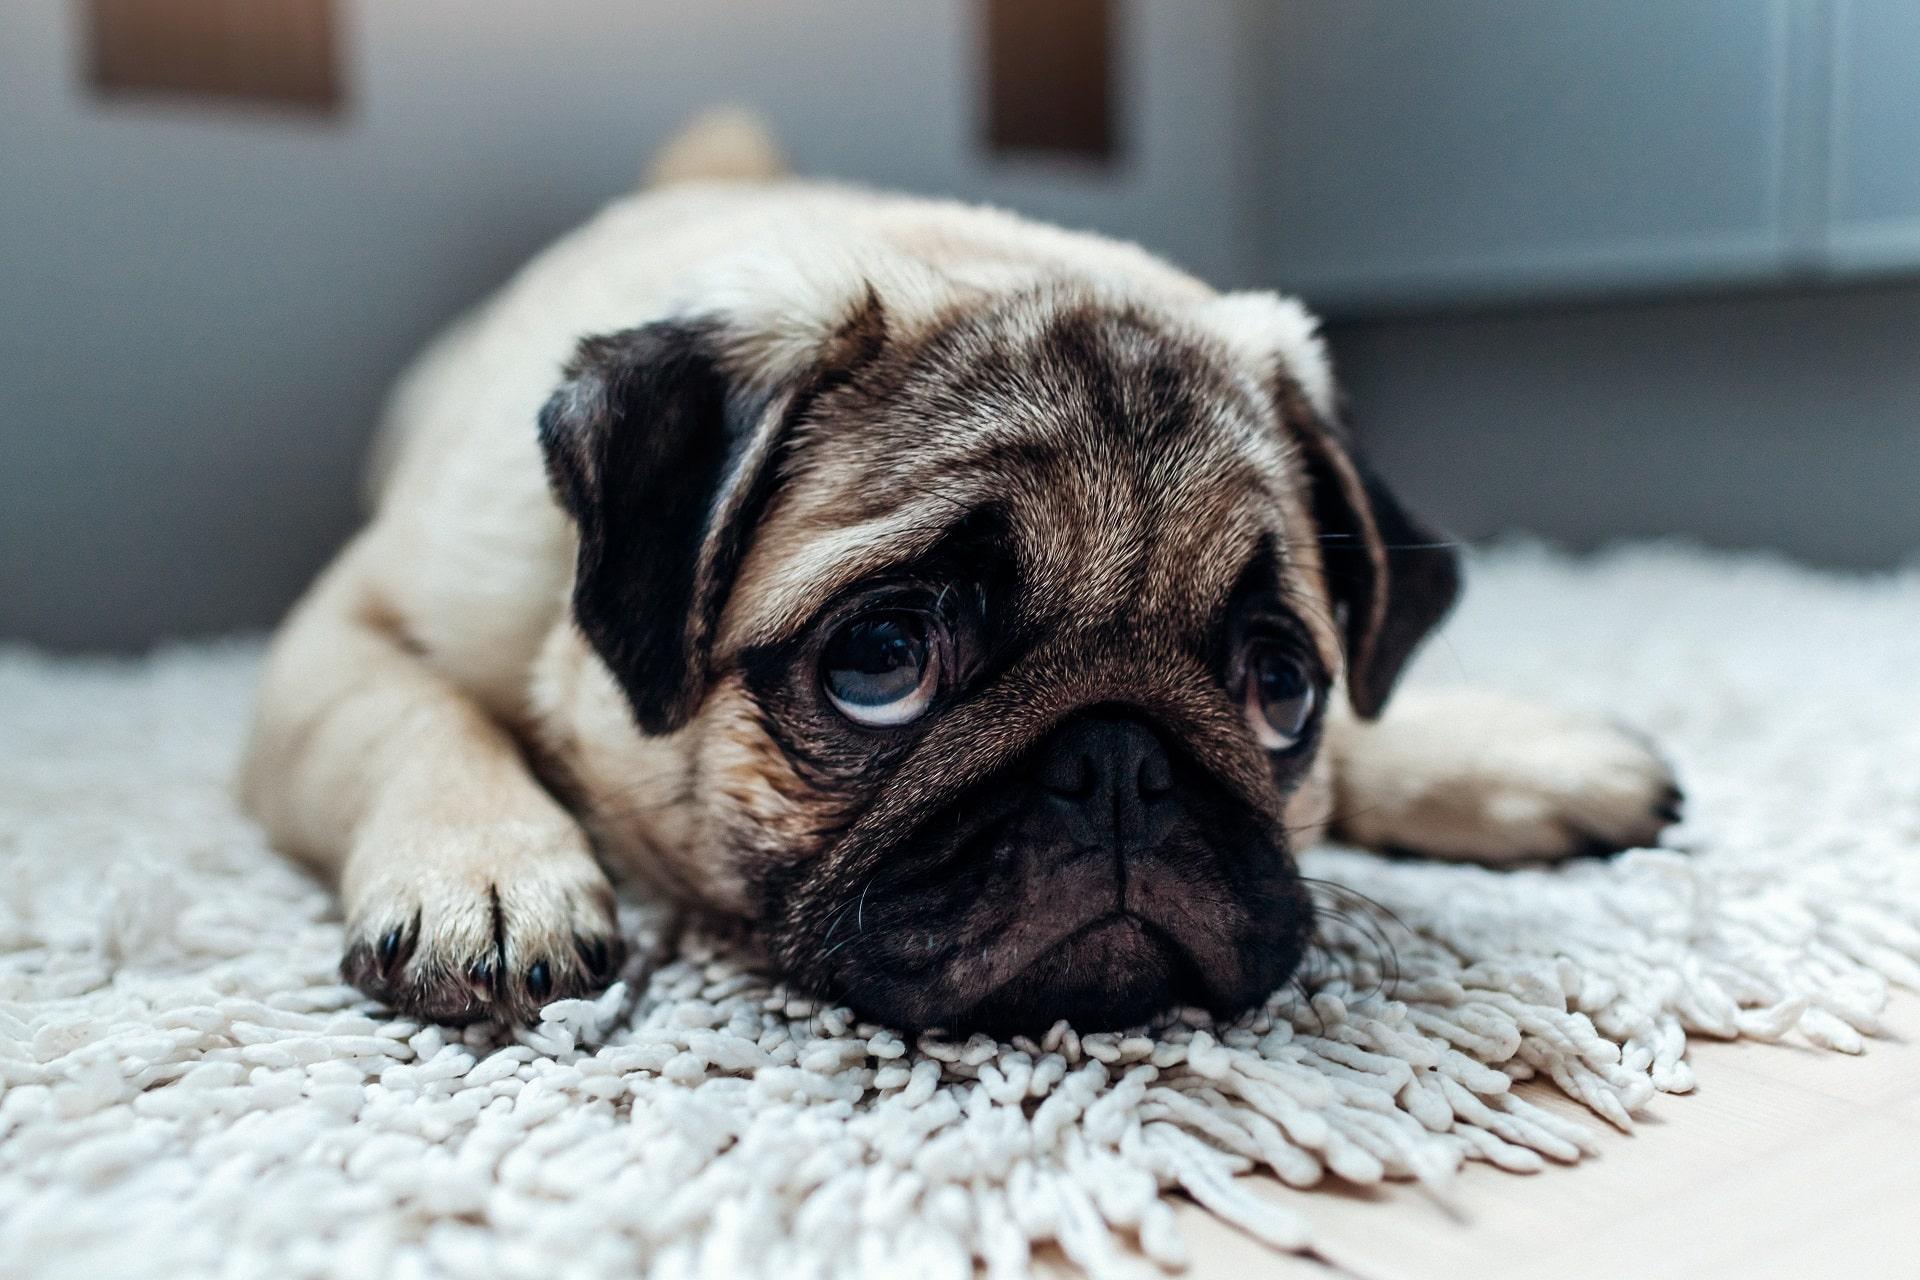 krwawa biegunka u psa